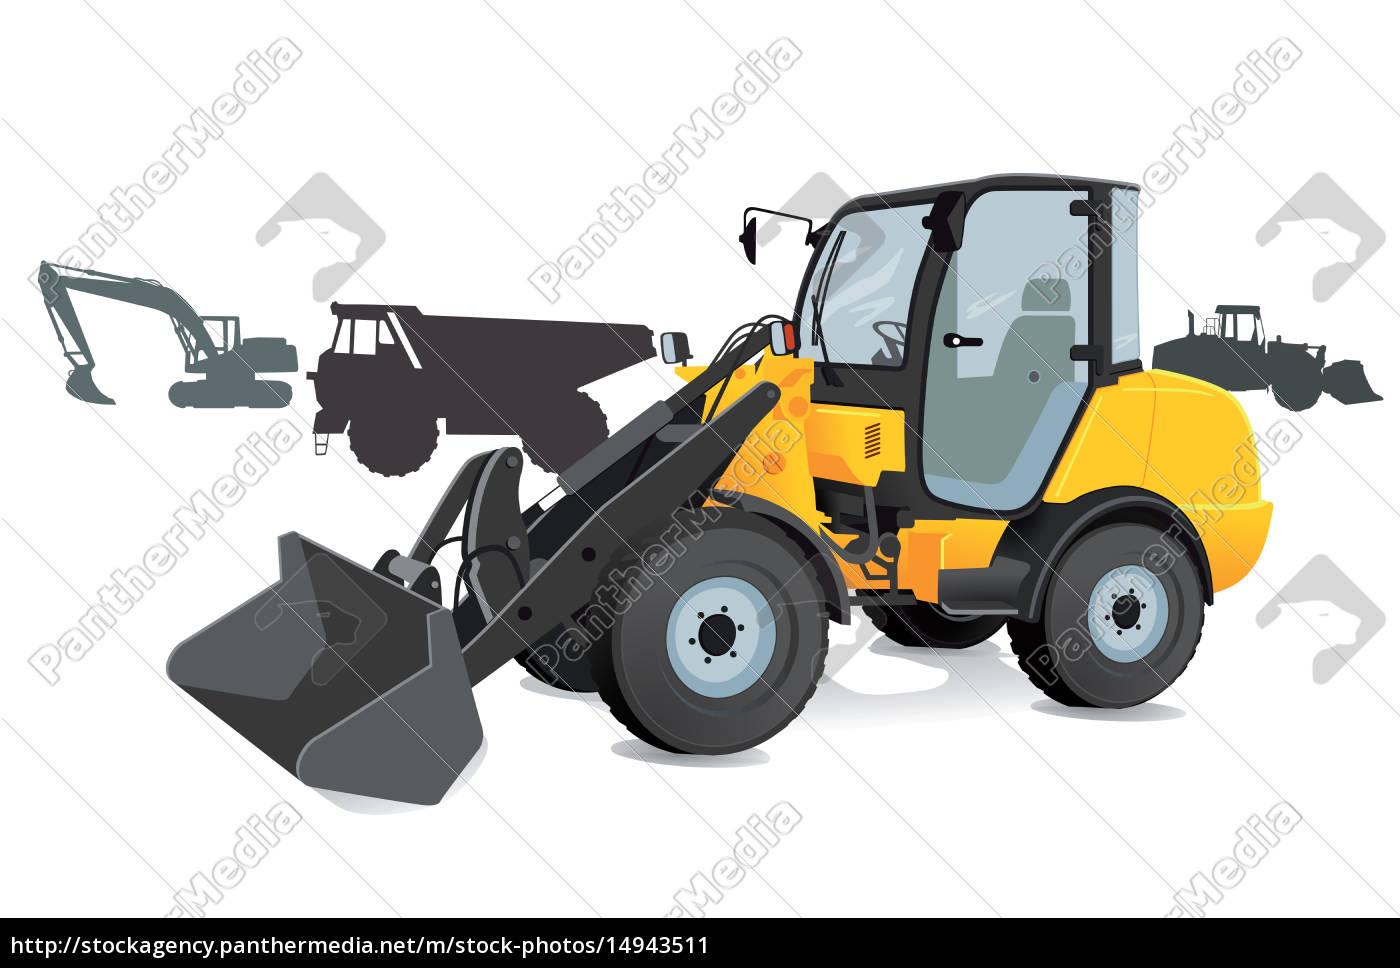 construction, equipment, -, buckets, excavators, trucks, - 14943511